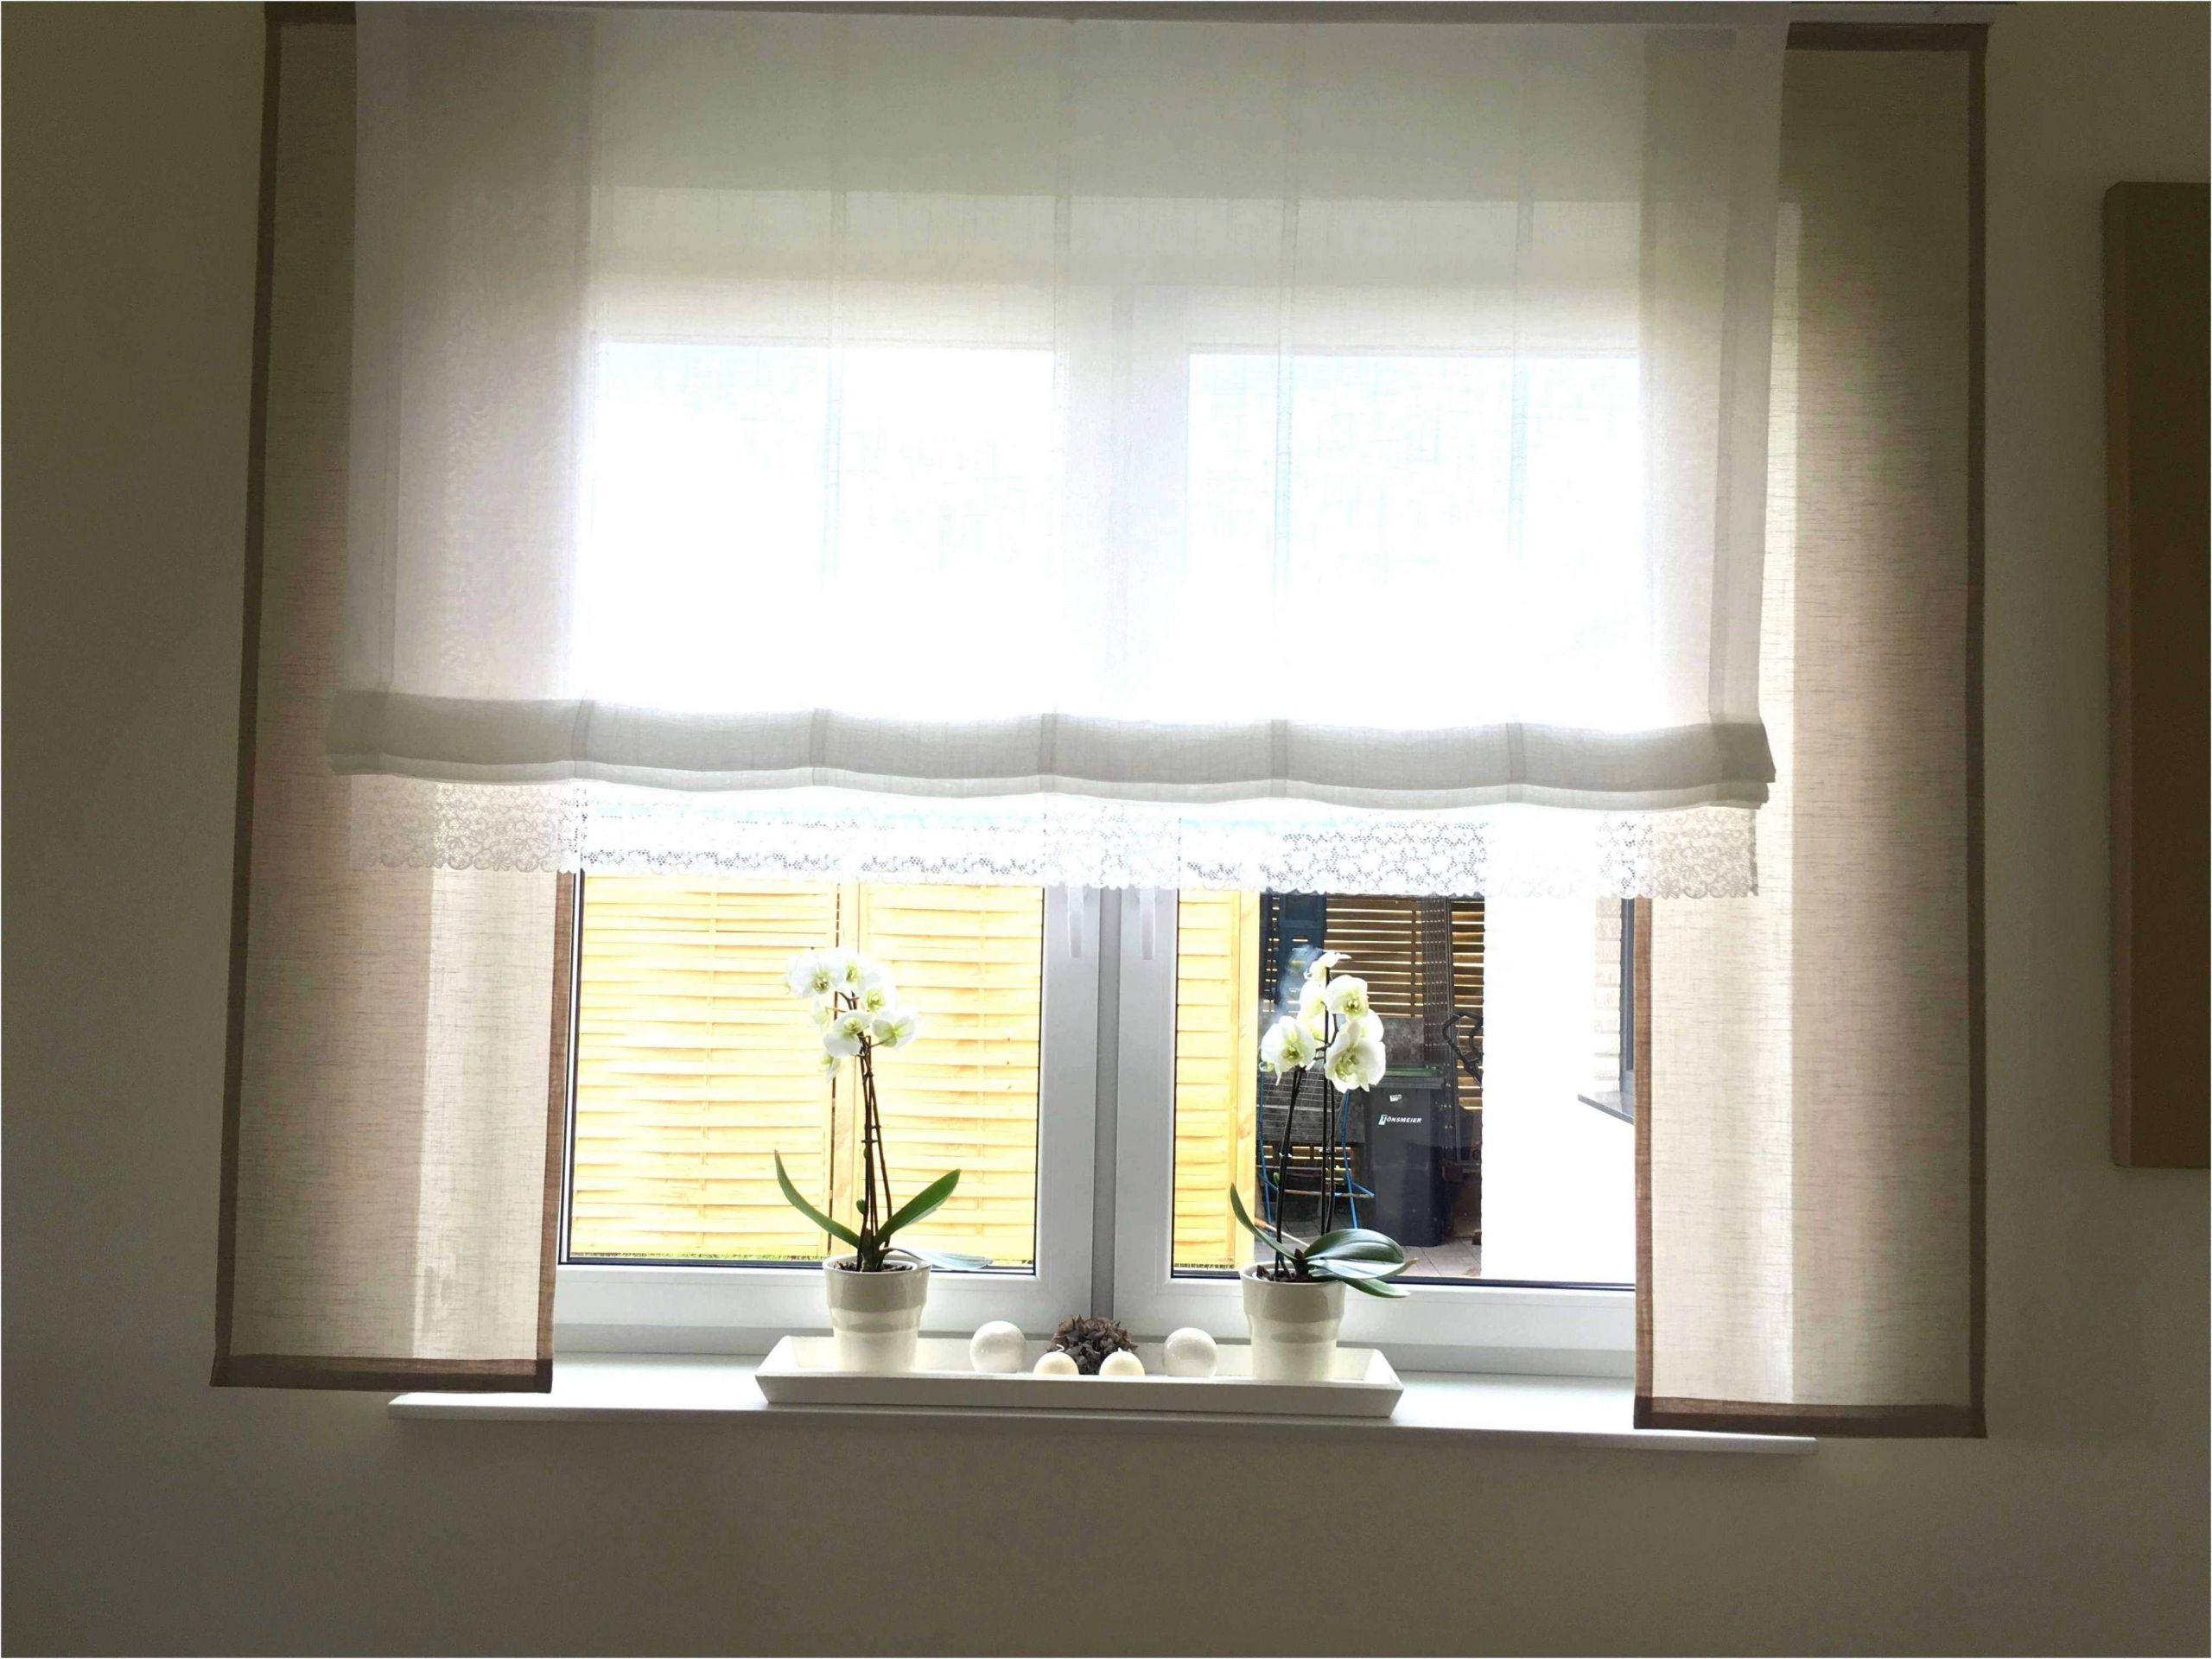 Full Size of Gardine Küche Gardinen Für Die Schlafzimmer Wohnzimmer Fenster Scheibengardinen Wohnzimmer Balkontür Gardine